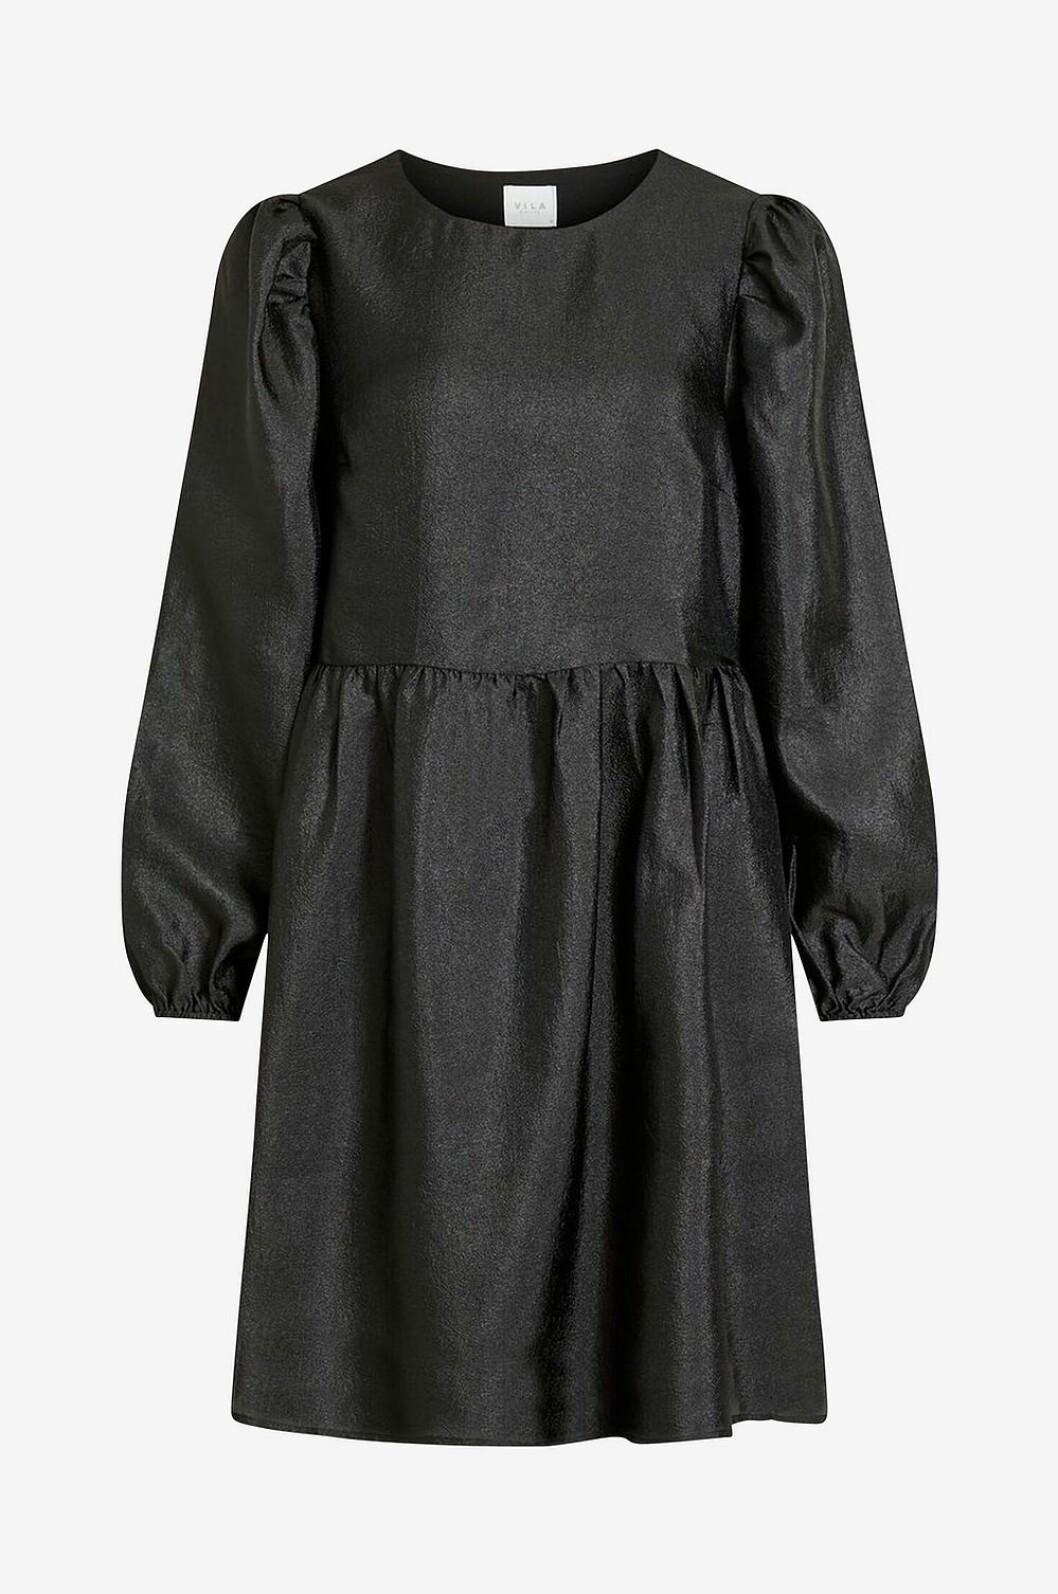 Svart julklänning med lång ärm och med utställd kjol